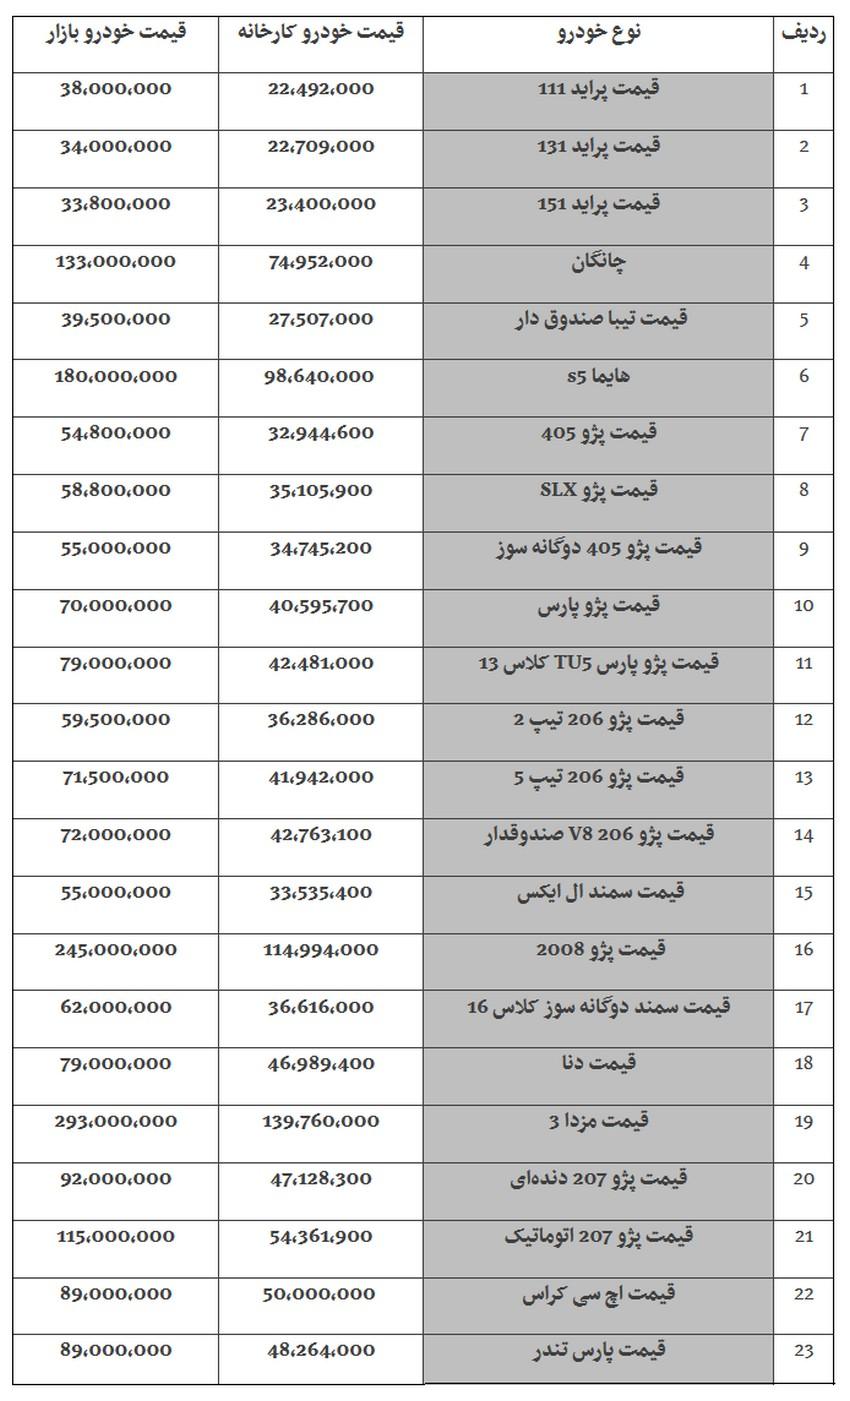 جدول قیمت خودروهای داخلی در بازار - پنجشنبه 24 آبان / پراید ۱۱۱ گران شد